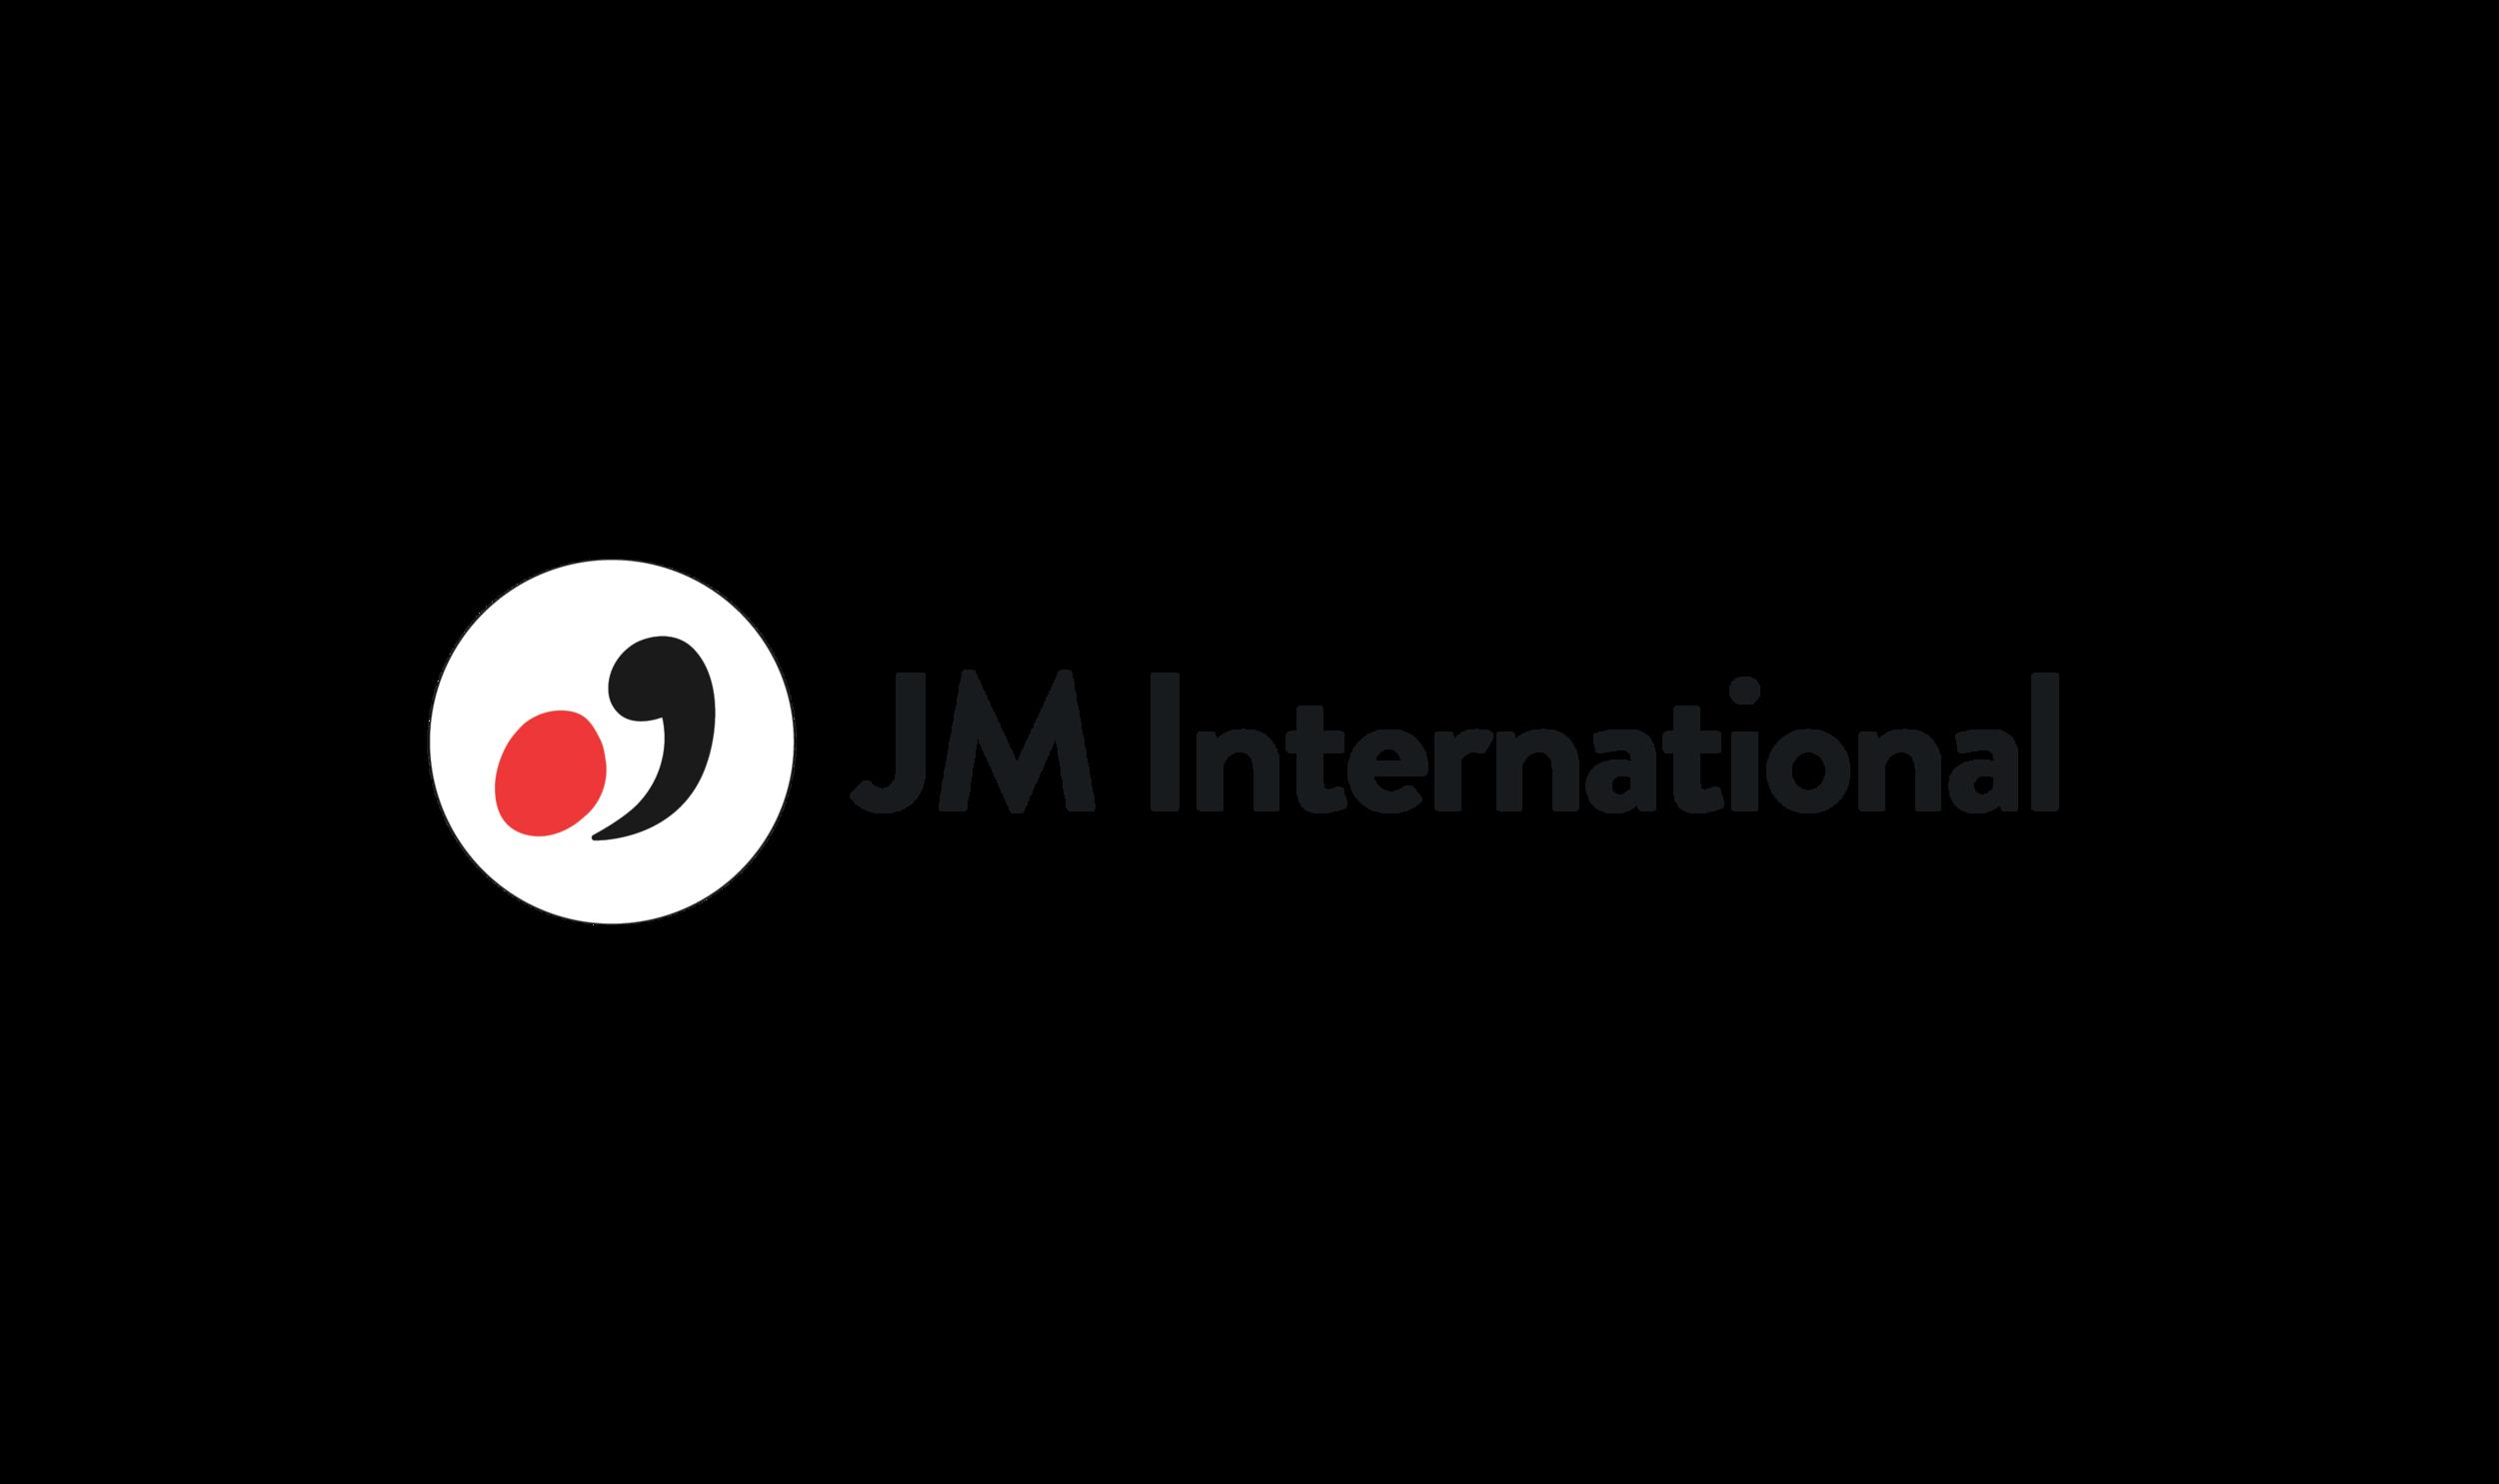 JMI_logo_BGwhite.png